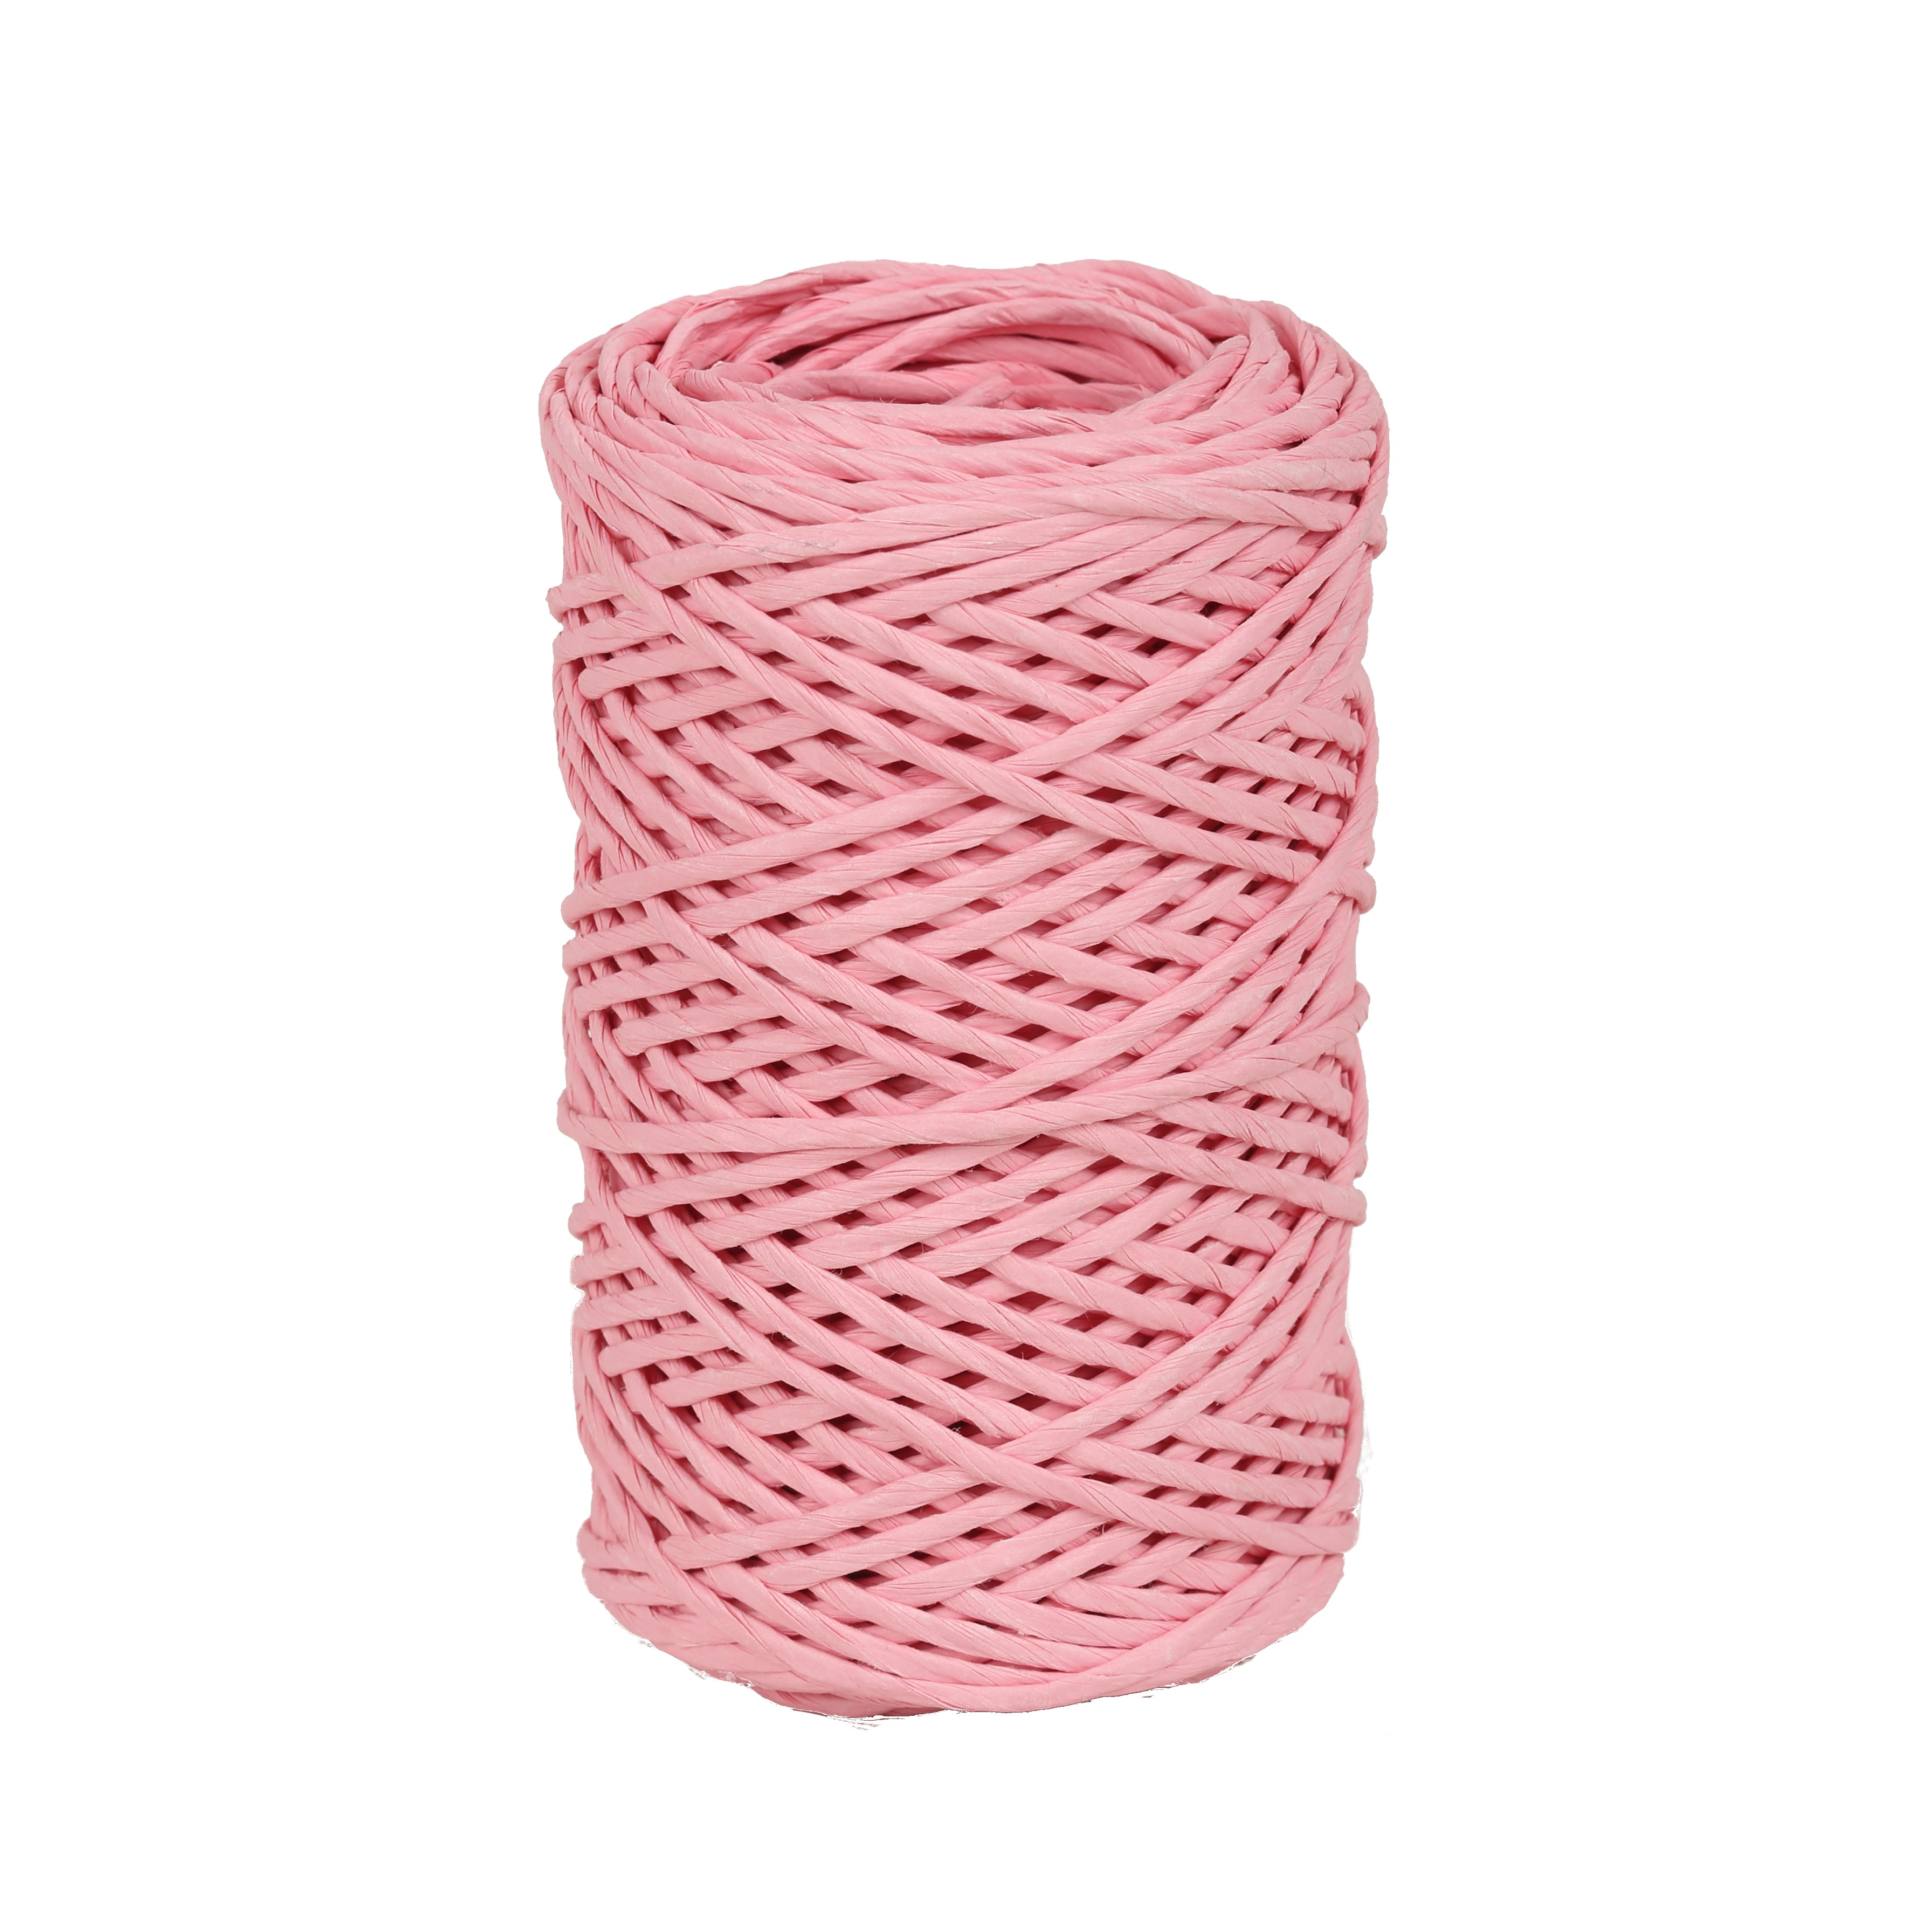 Paperwire 50 M Coil Rose Duckgeischel Gmbh